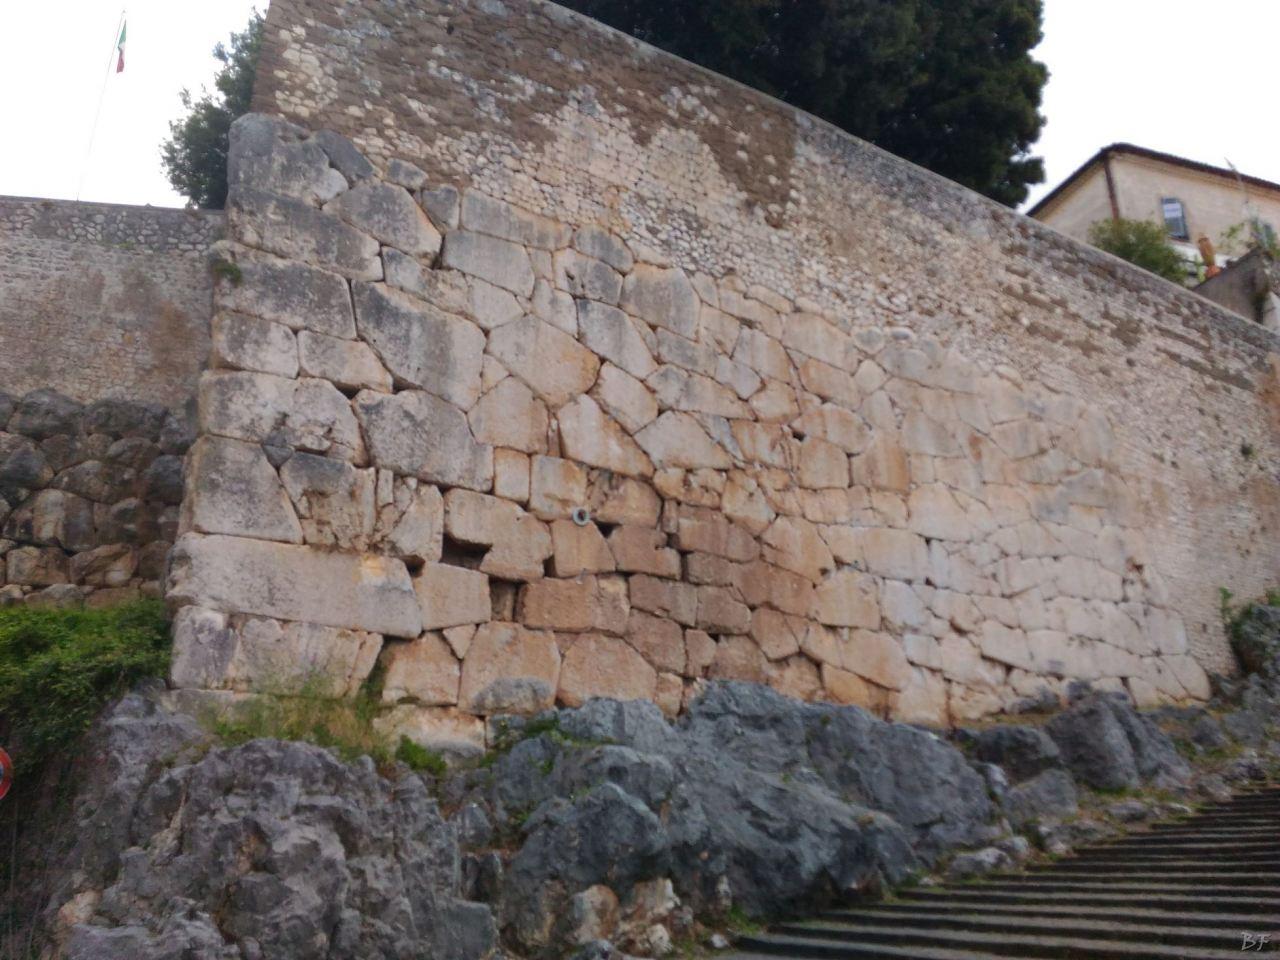 Cora-Mura-Poligonali-Megalitiche-Cori-Latina-Lazio-Italia-4